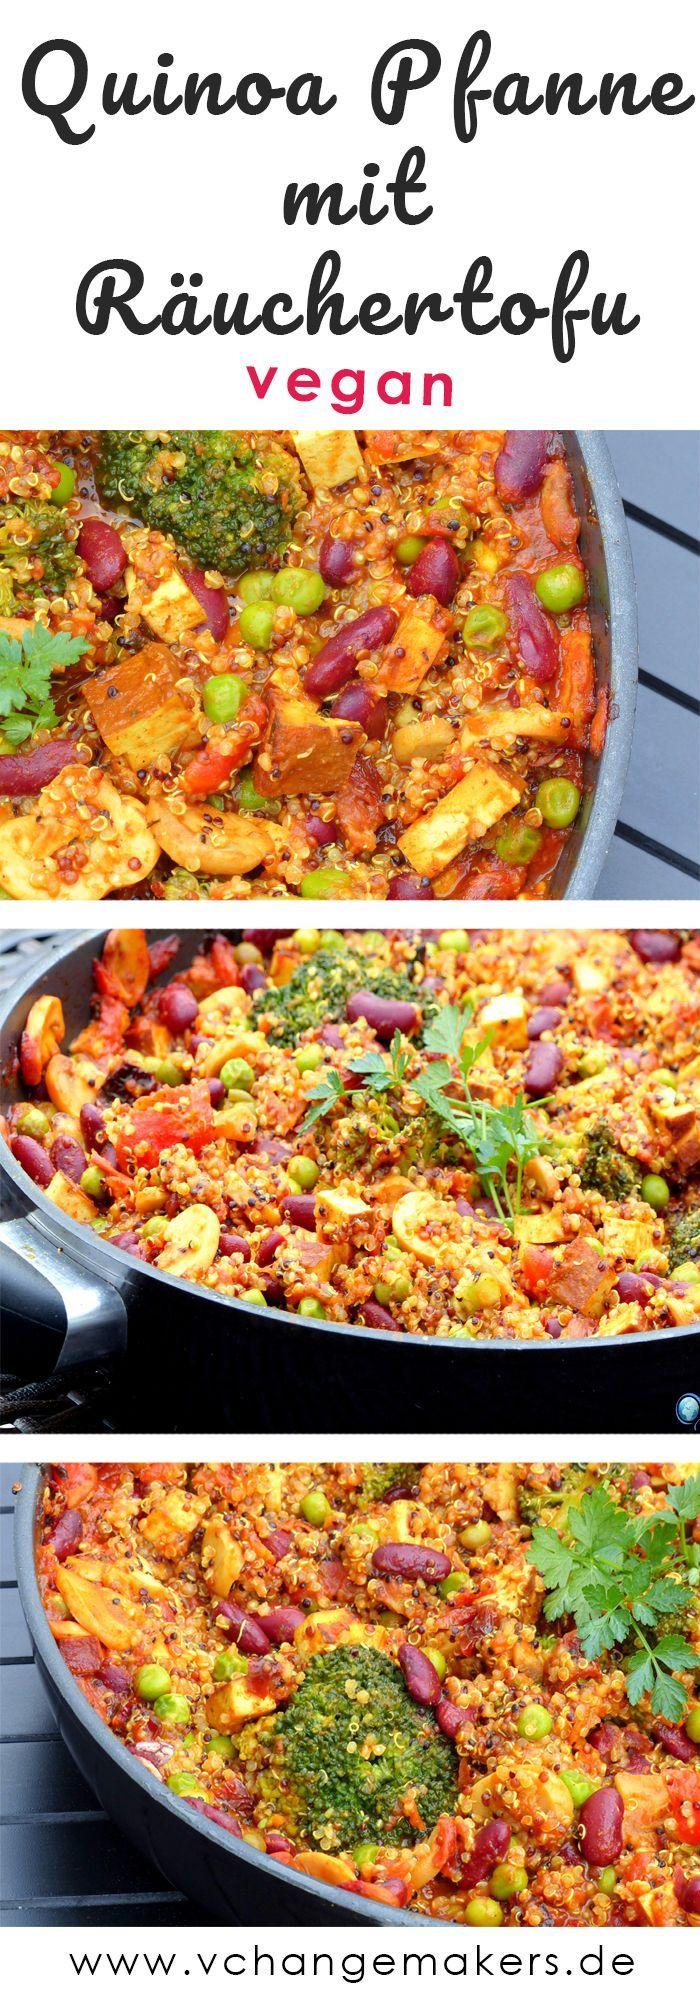 Rezept: Nährstoffreiche Quinoa Pfanne mit Räuchertofu - vegan ,  Rezept: Nährstoffreiche Quinoa